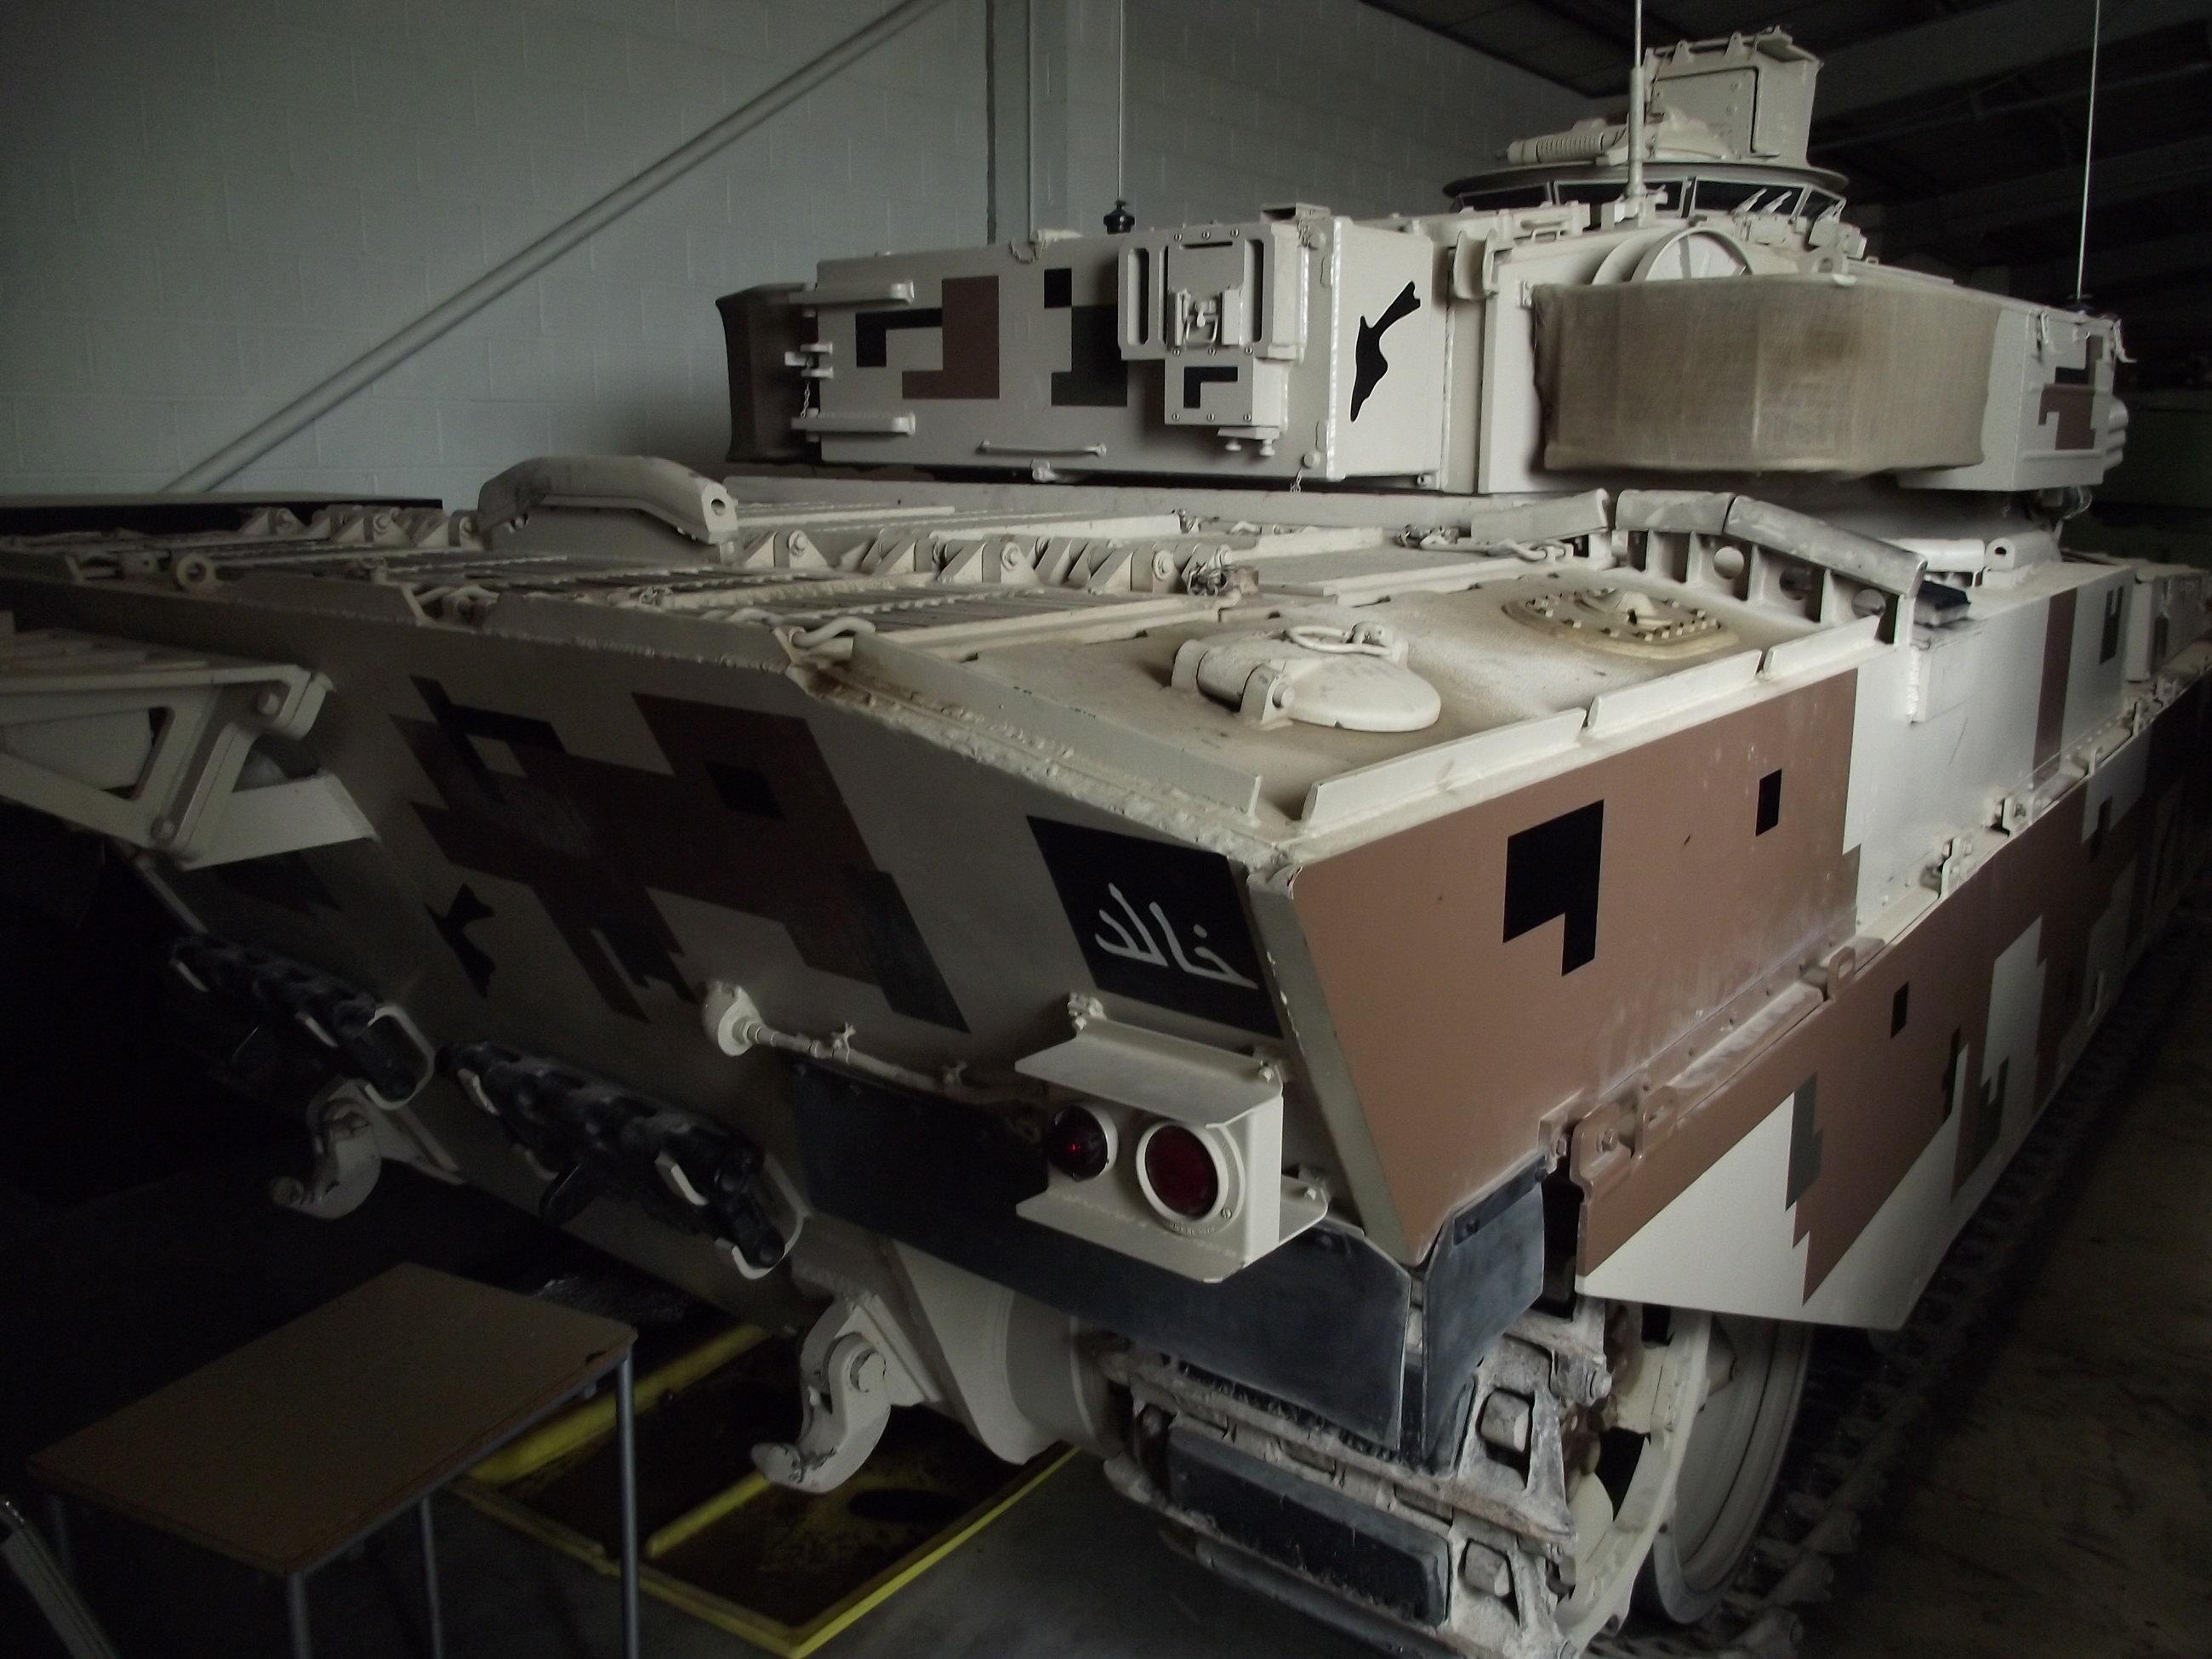 Tank_Museum_20180919_501.jpg